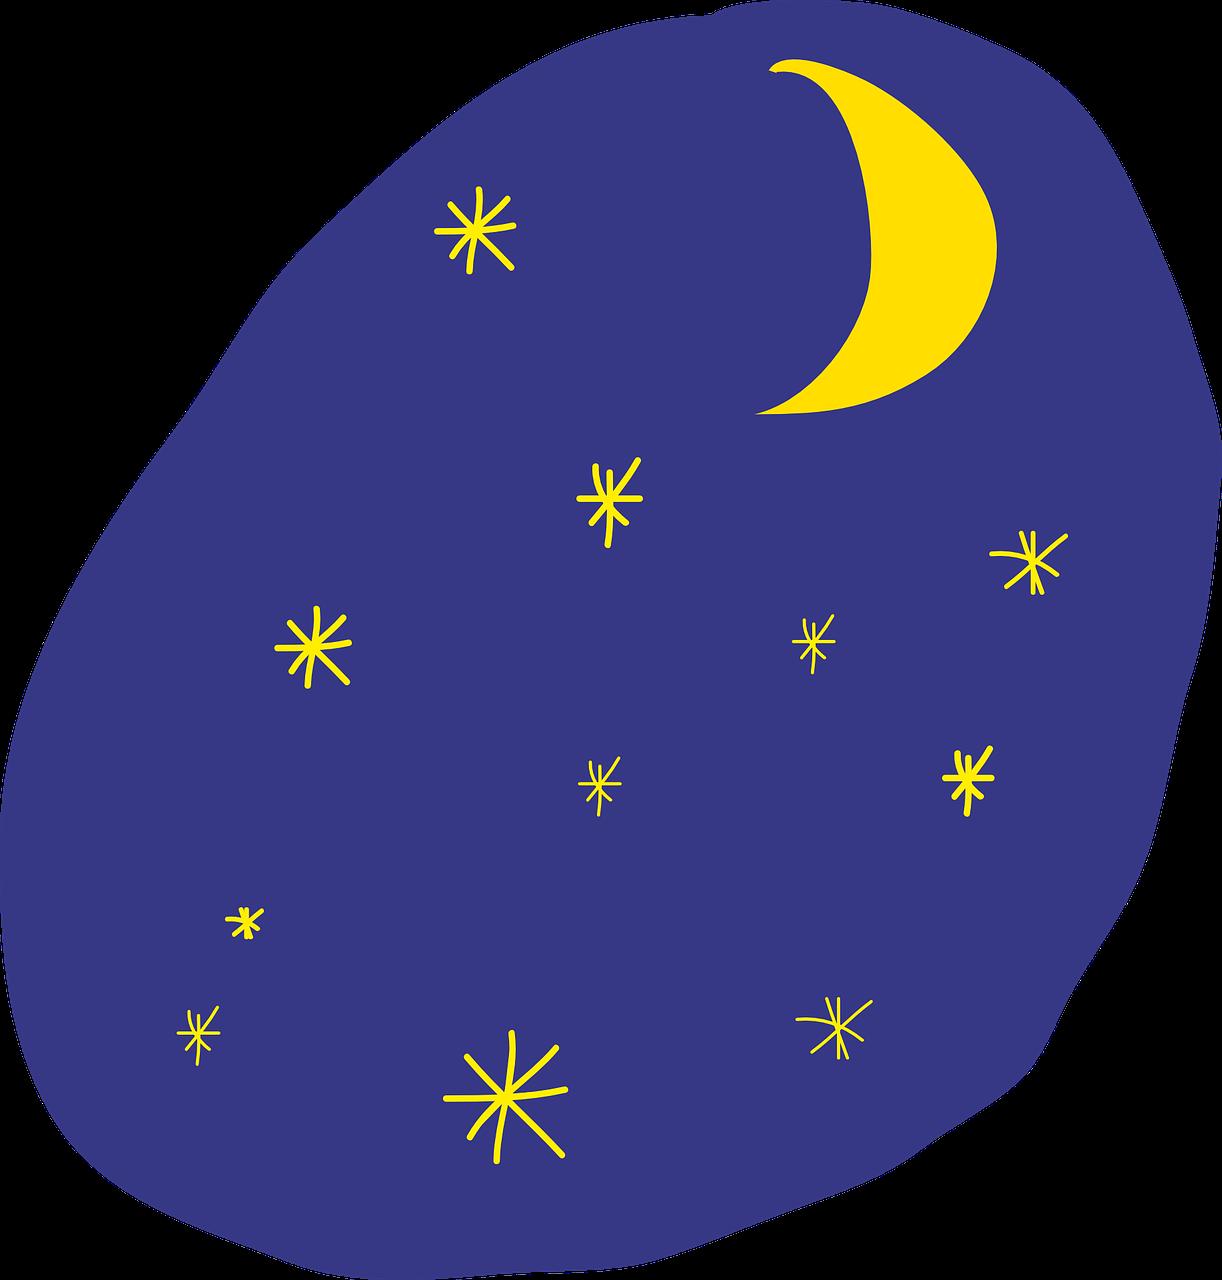 Реальные фото луны из космоса творцы этой